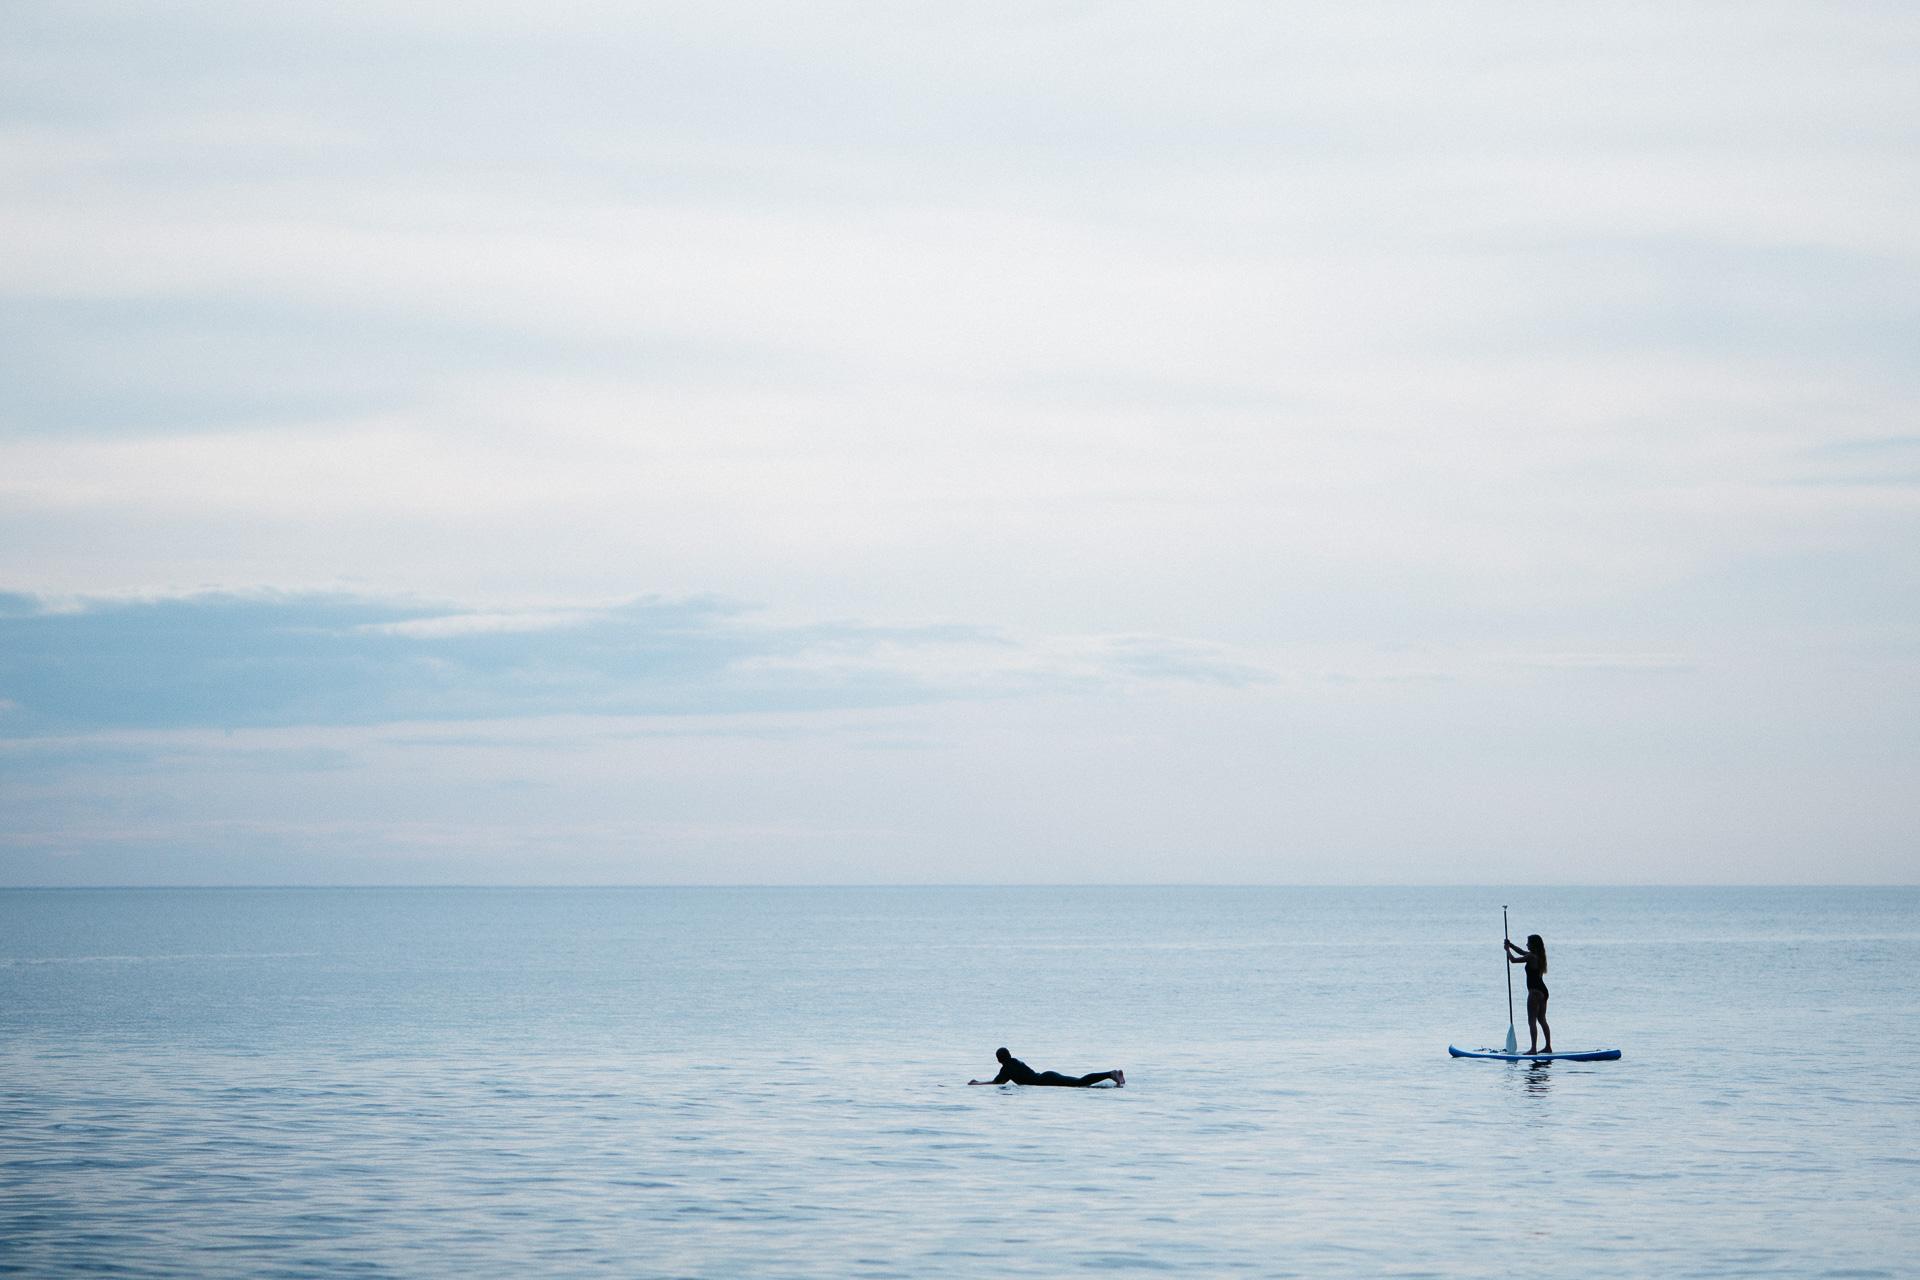 Damien-Dohmen-photographe-Ocean-16